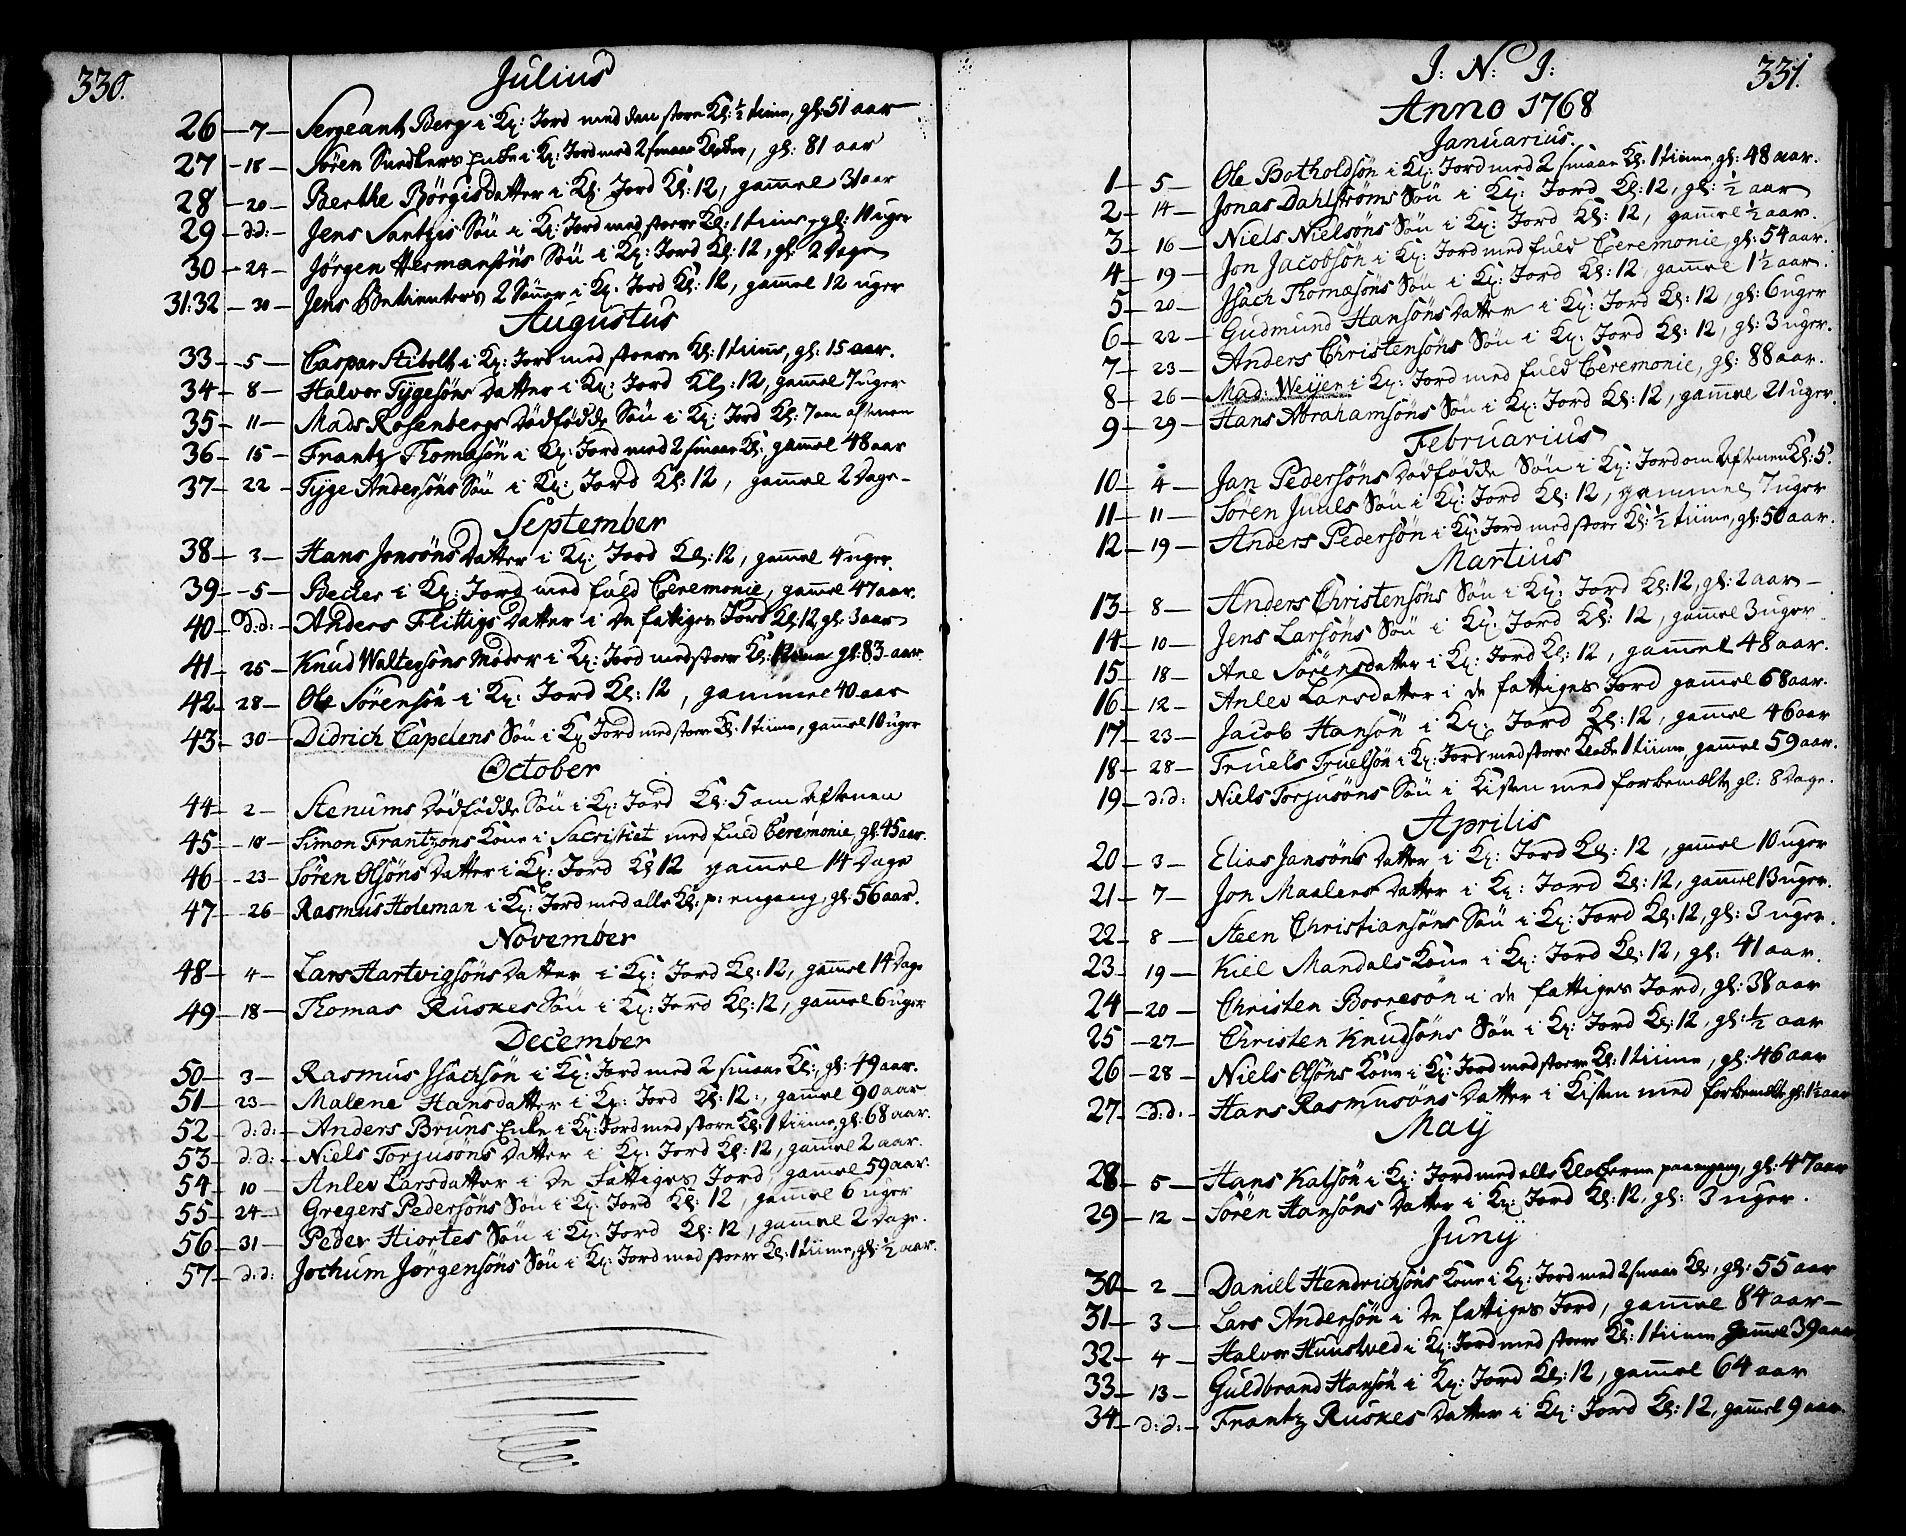 SAKO, Skien kirkebøker, F/Fa/L0003: Ministerialbok nr. 3, 1755-1791, s. 330-331